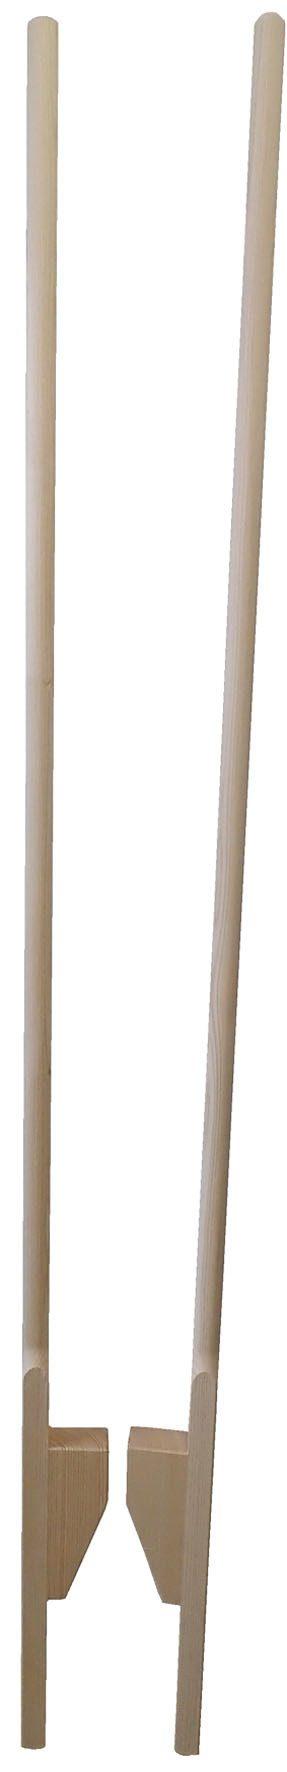 Chůdy celodřevěné, délka 190cm